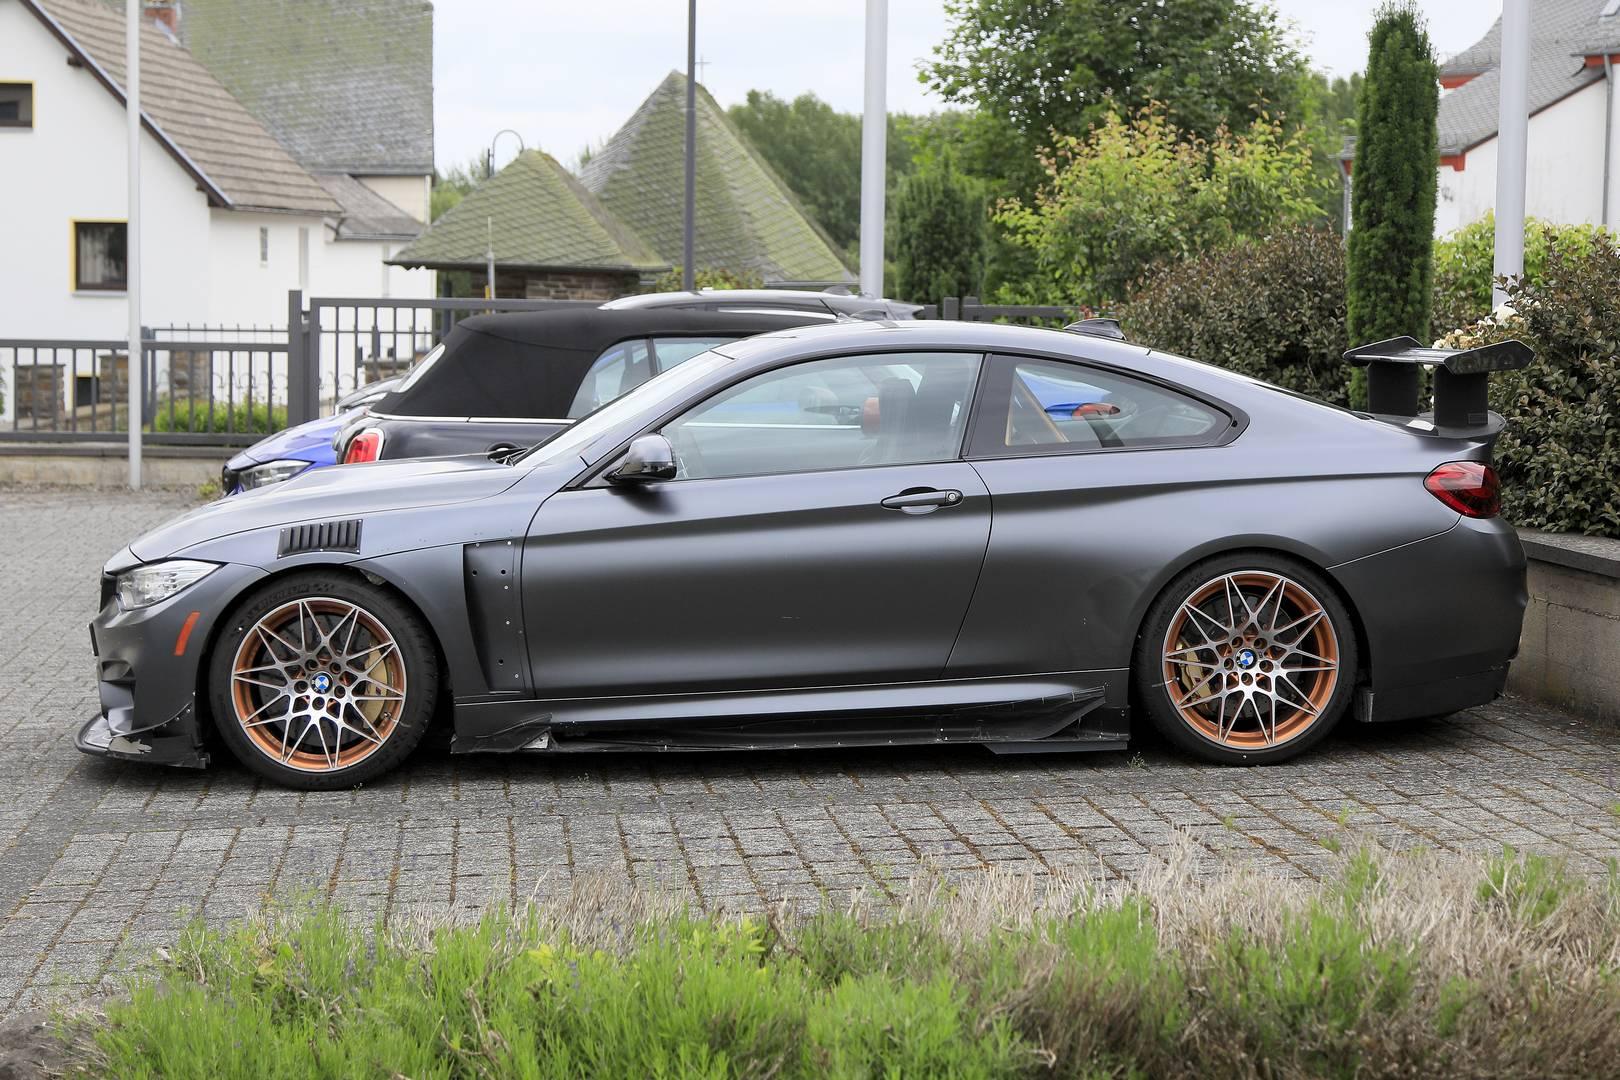 Фендеры на болтах, регулируемый передний разделитель, модифицированные накладки на пороги, огромные воздуховоды за колесами, массивный задний спойлер и задний диффузор; это всего лишь некоторые модификаций, которые отличают этот BMW M4 от стокового B